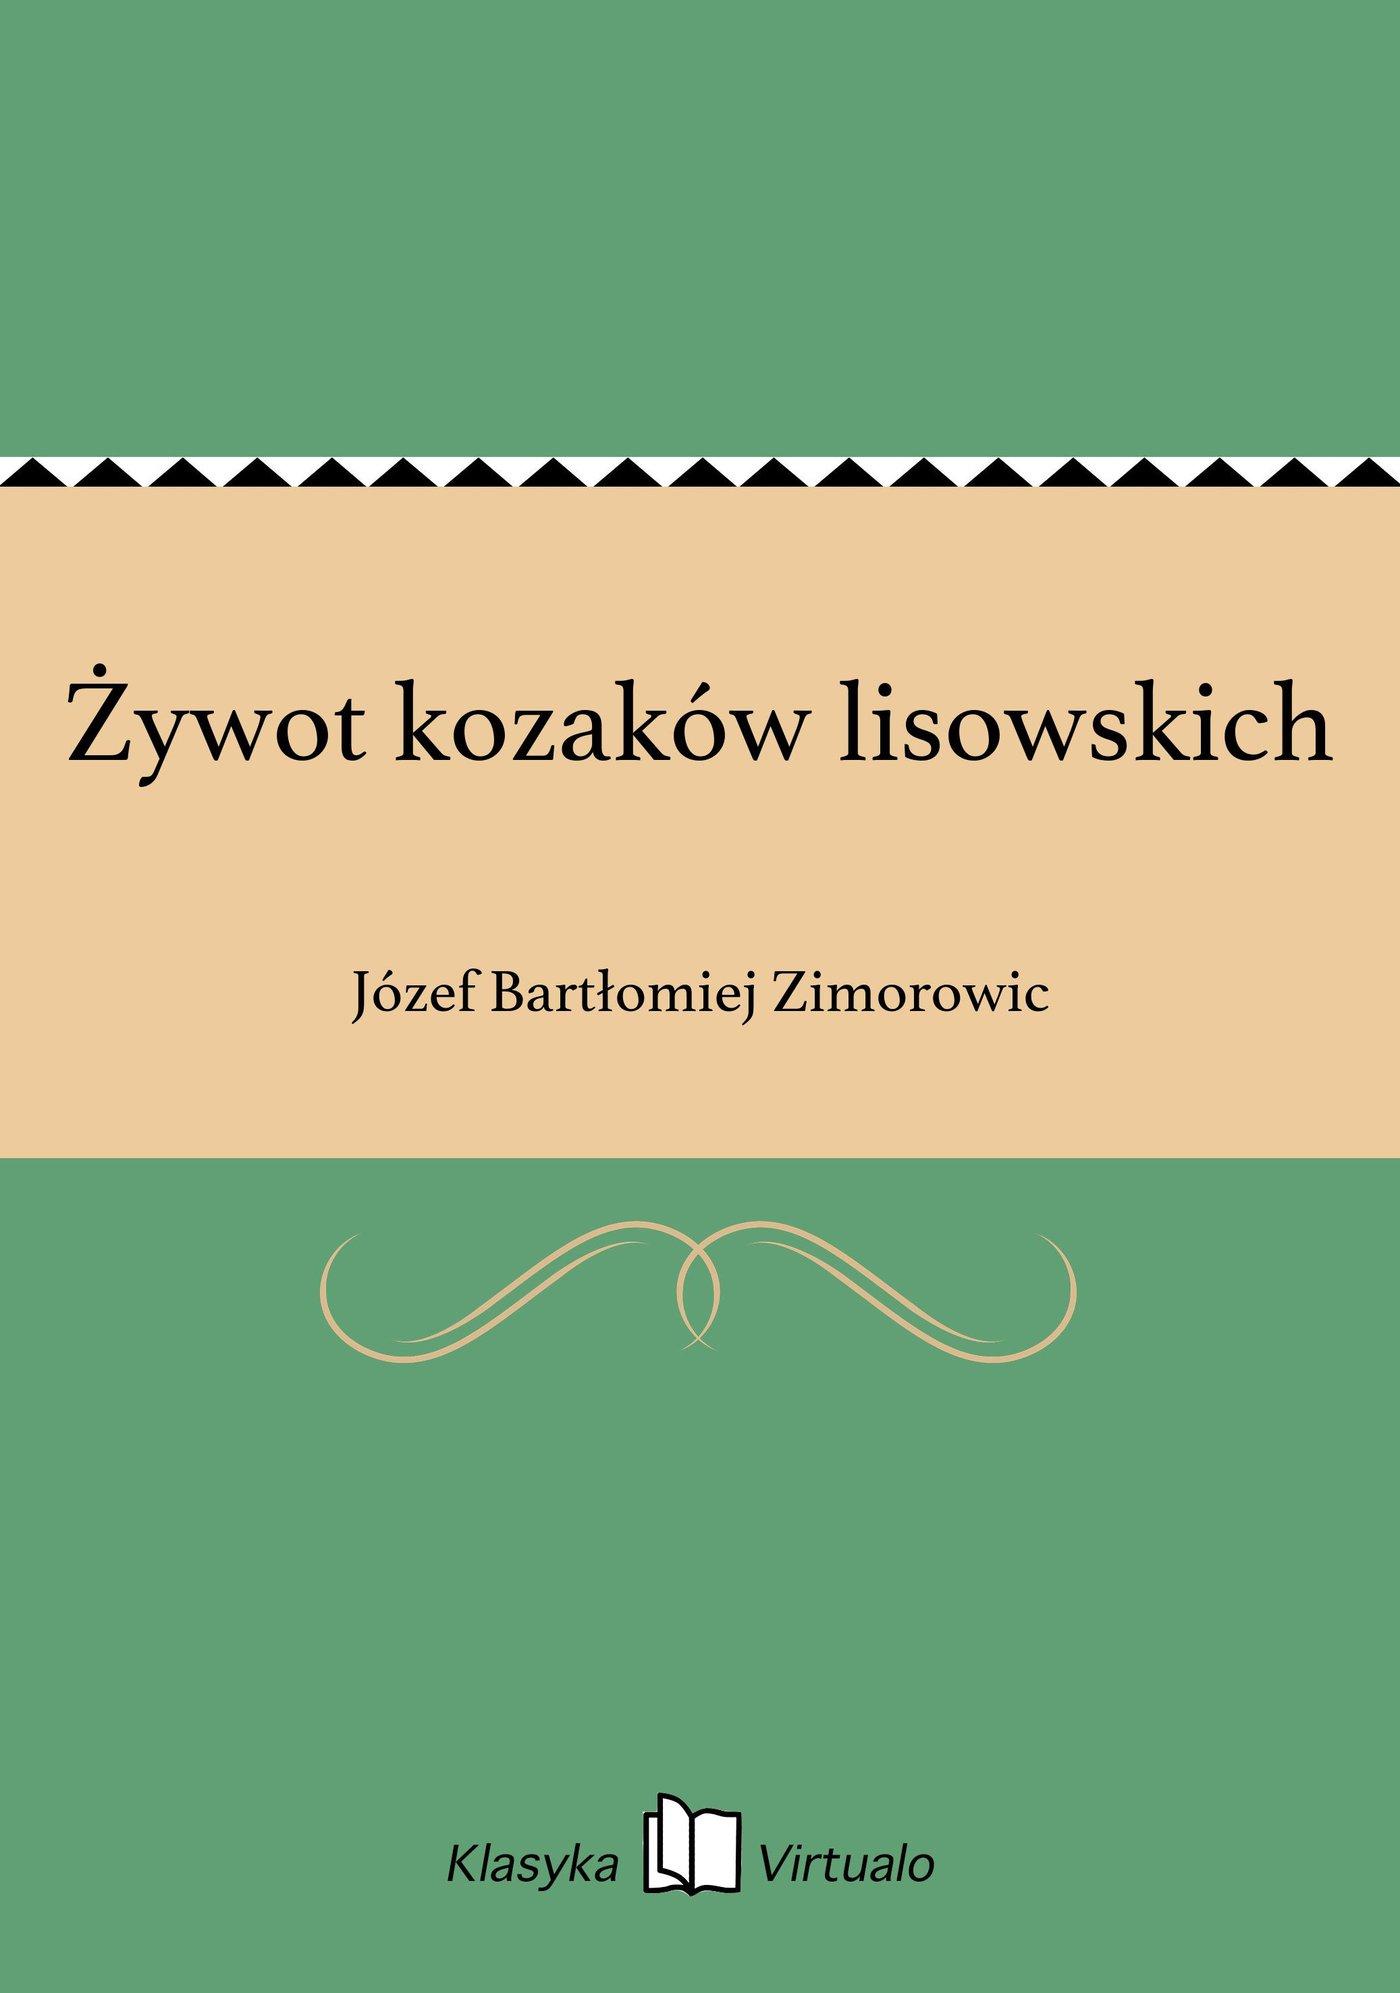 Żywot kozaków lisowskich - Ebook (Książka EPUB) do pobrania w formacie EPUB